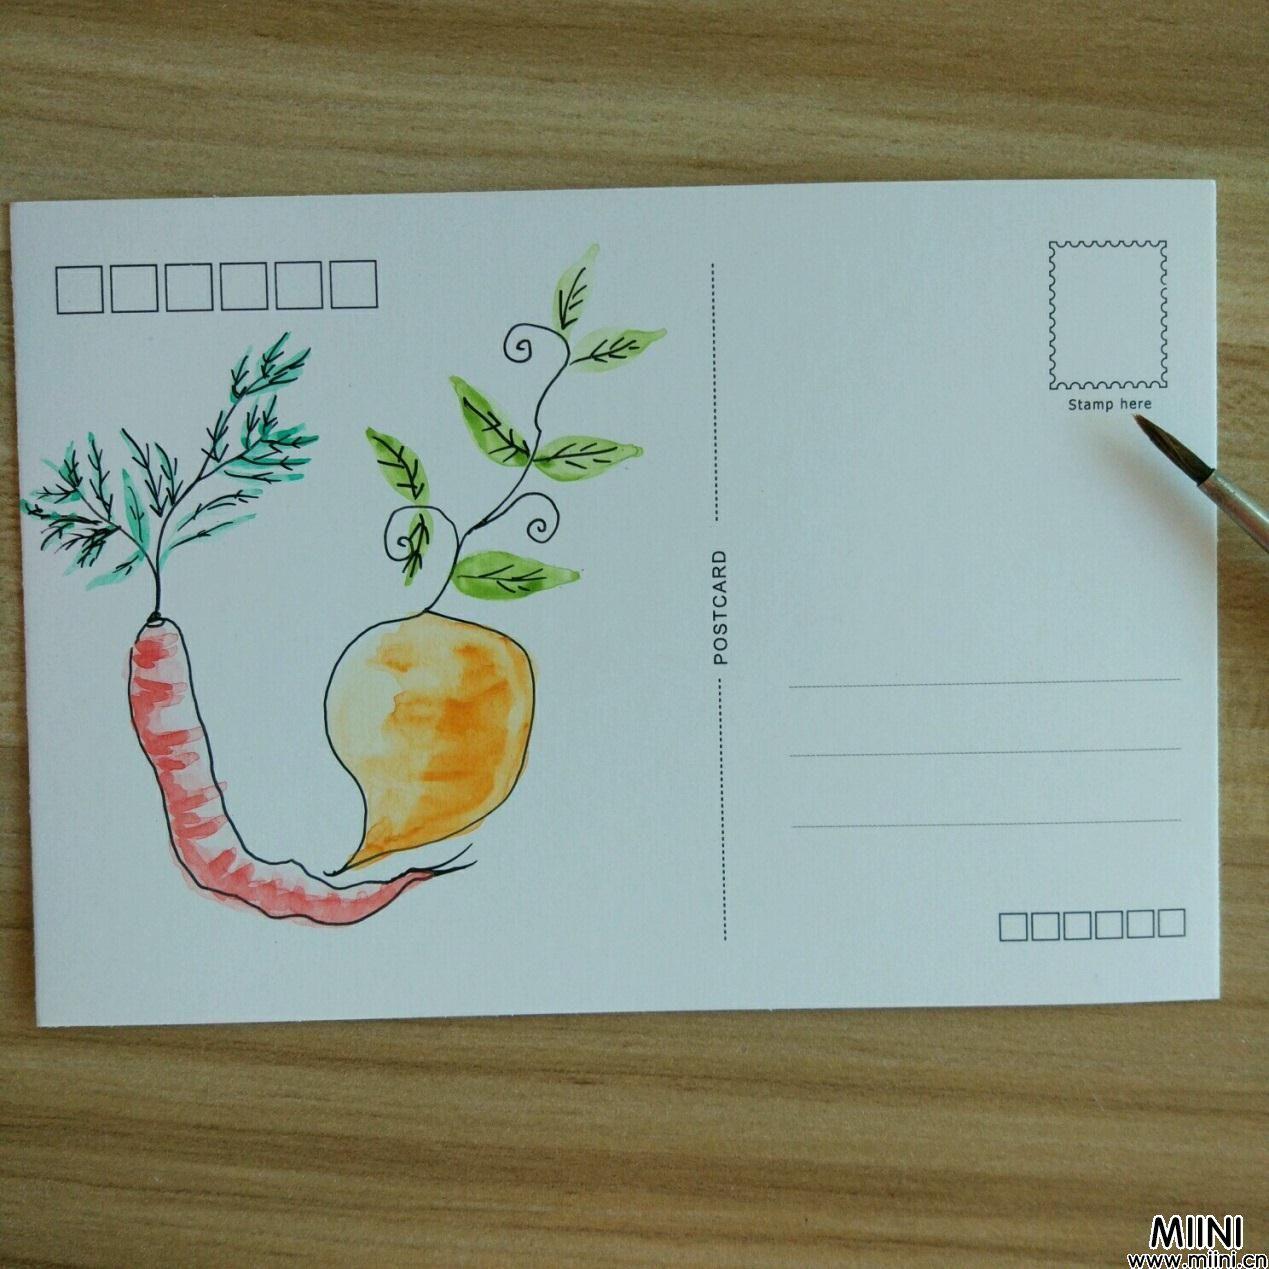 明信片上<a href=http://www.miini.cn/hhds/ target=_blank class=infotextkey>画</a>一个可爱萝卜的简笔画教程